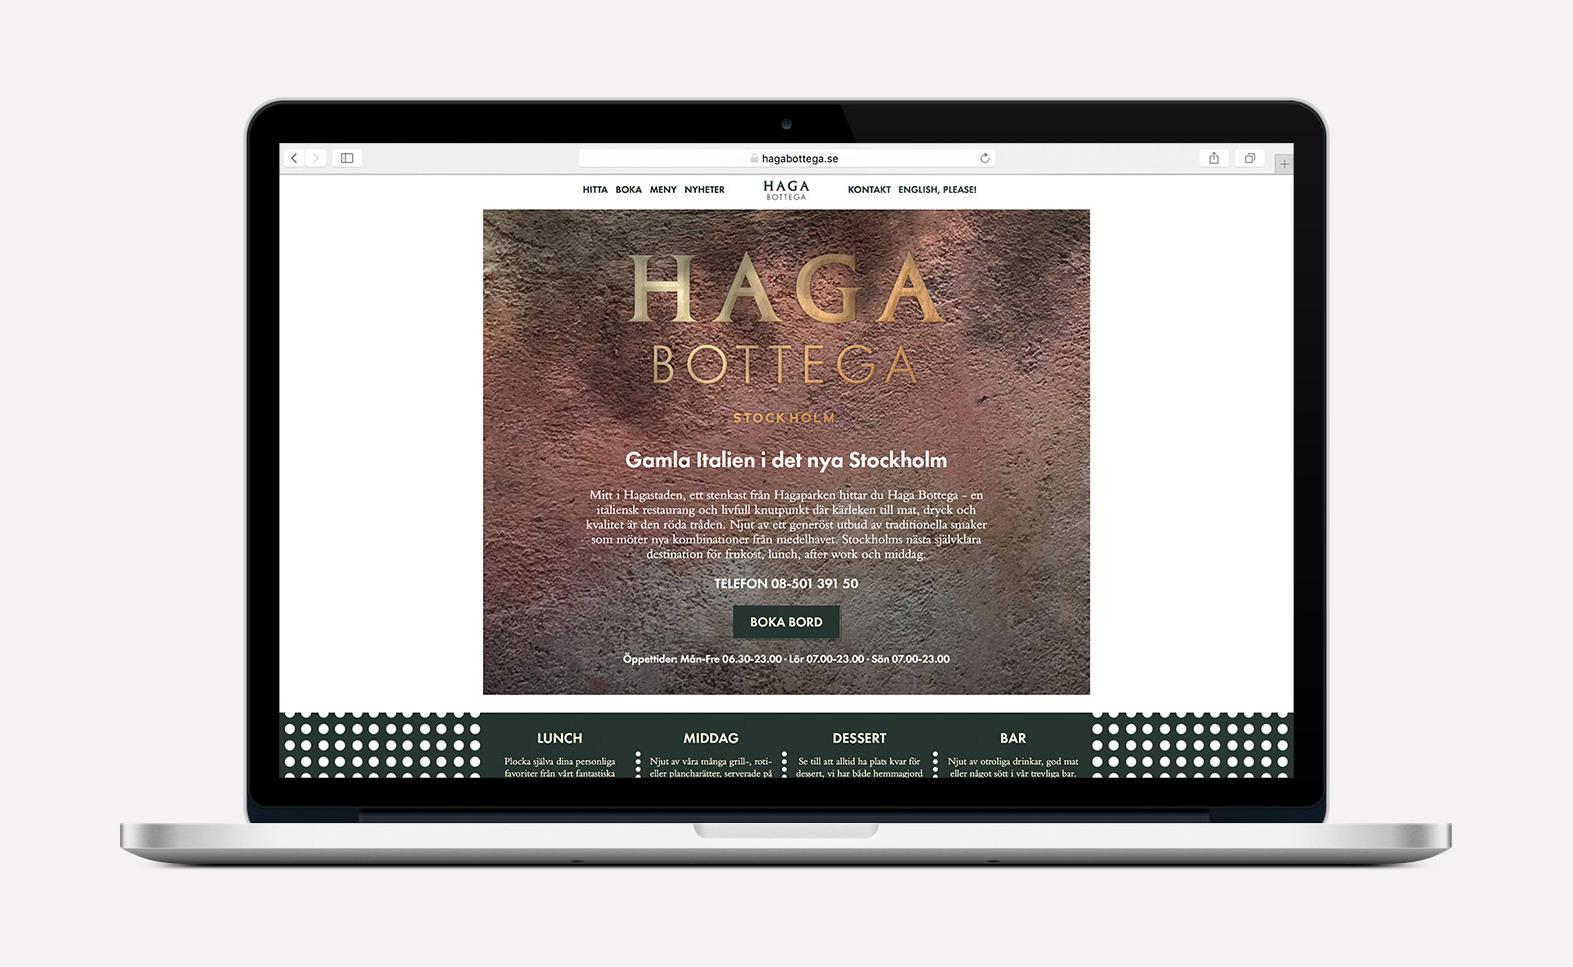 Italienska restaurangen Haga Bottegas webbplats förstasida i Apple Macbook